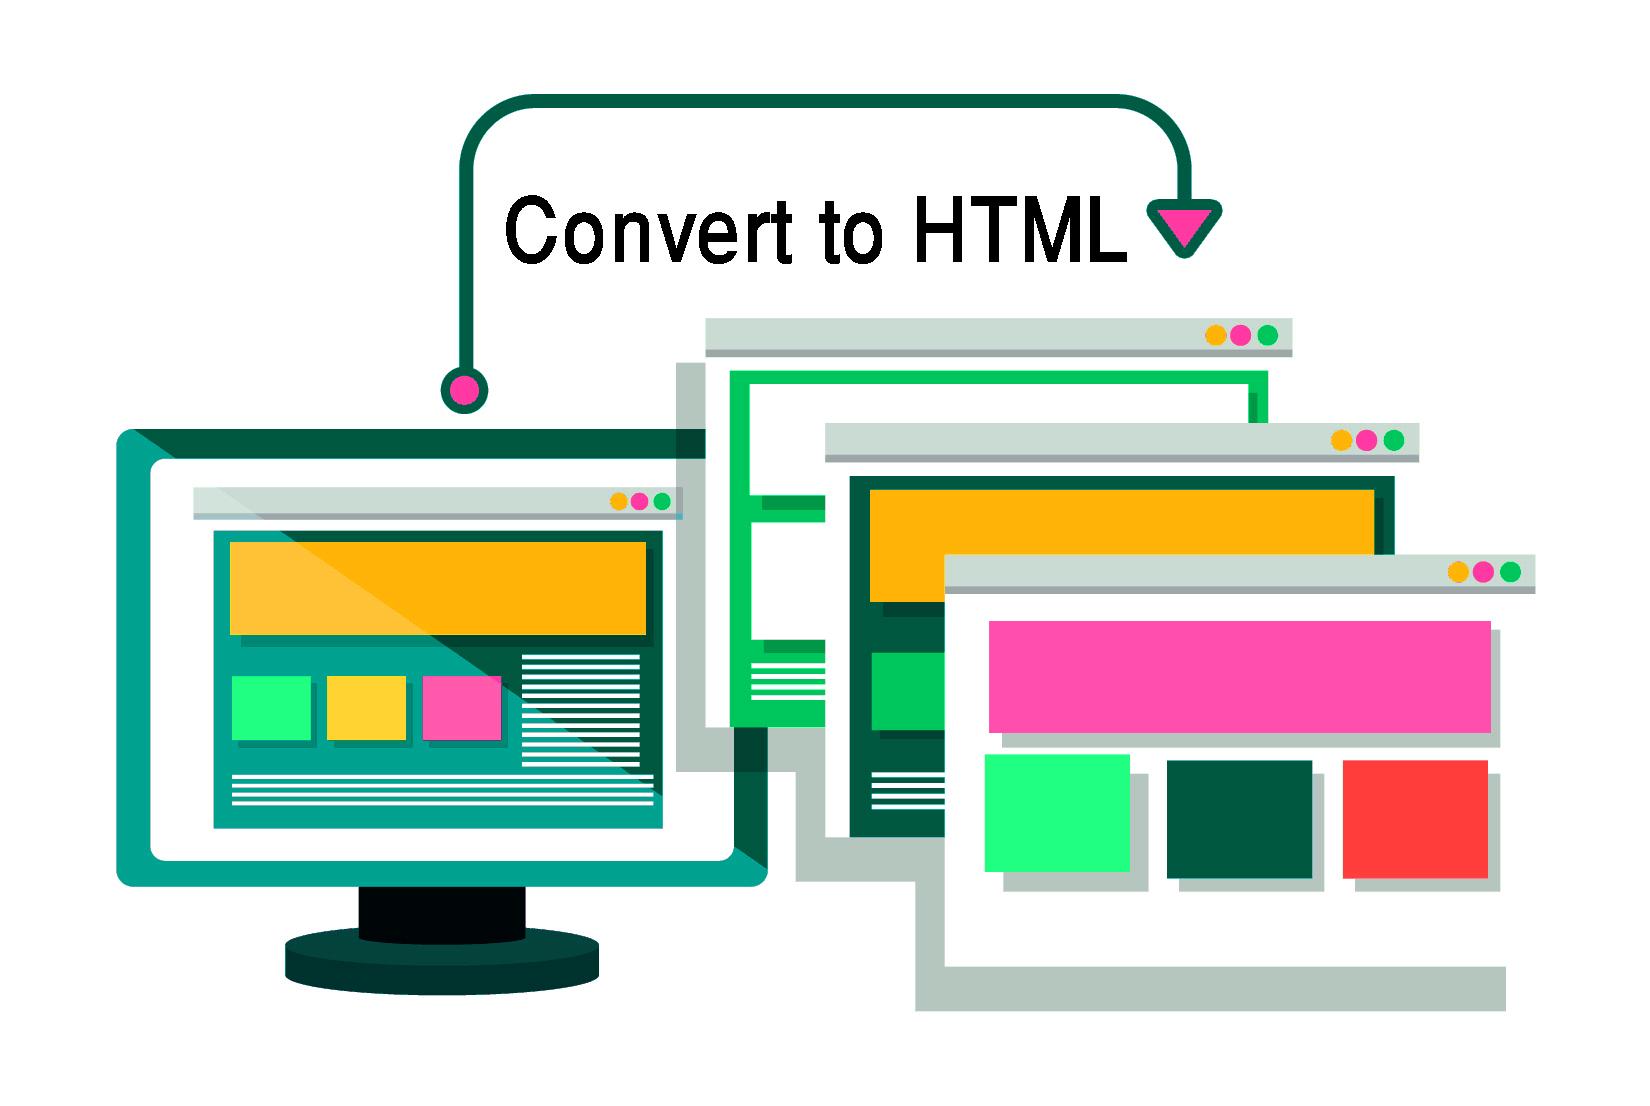 I will convert any website to HTML